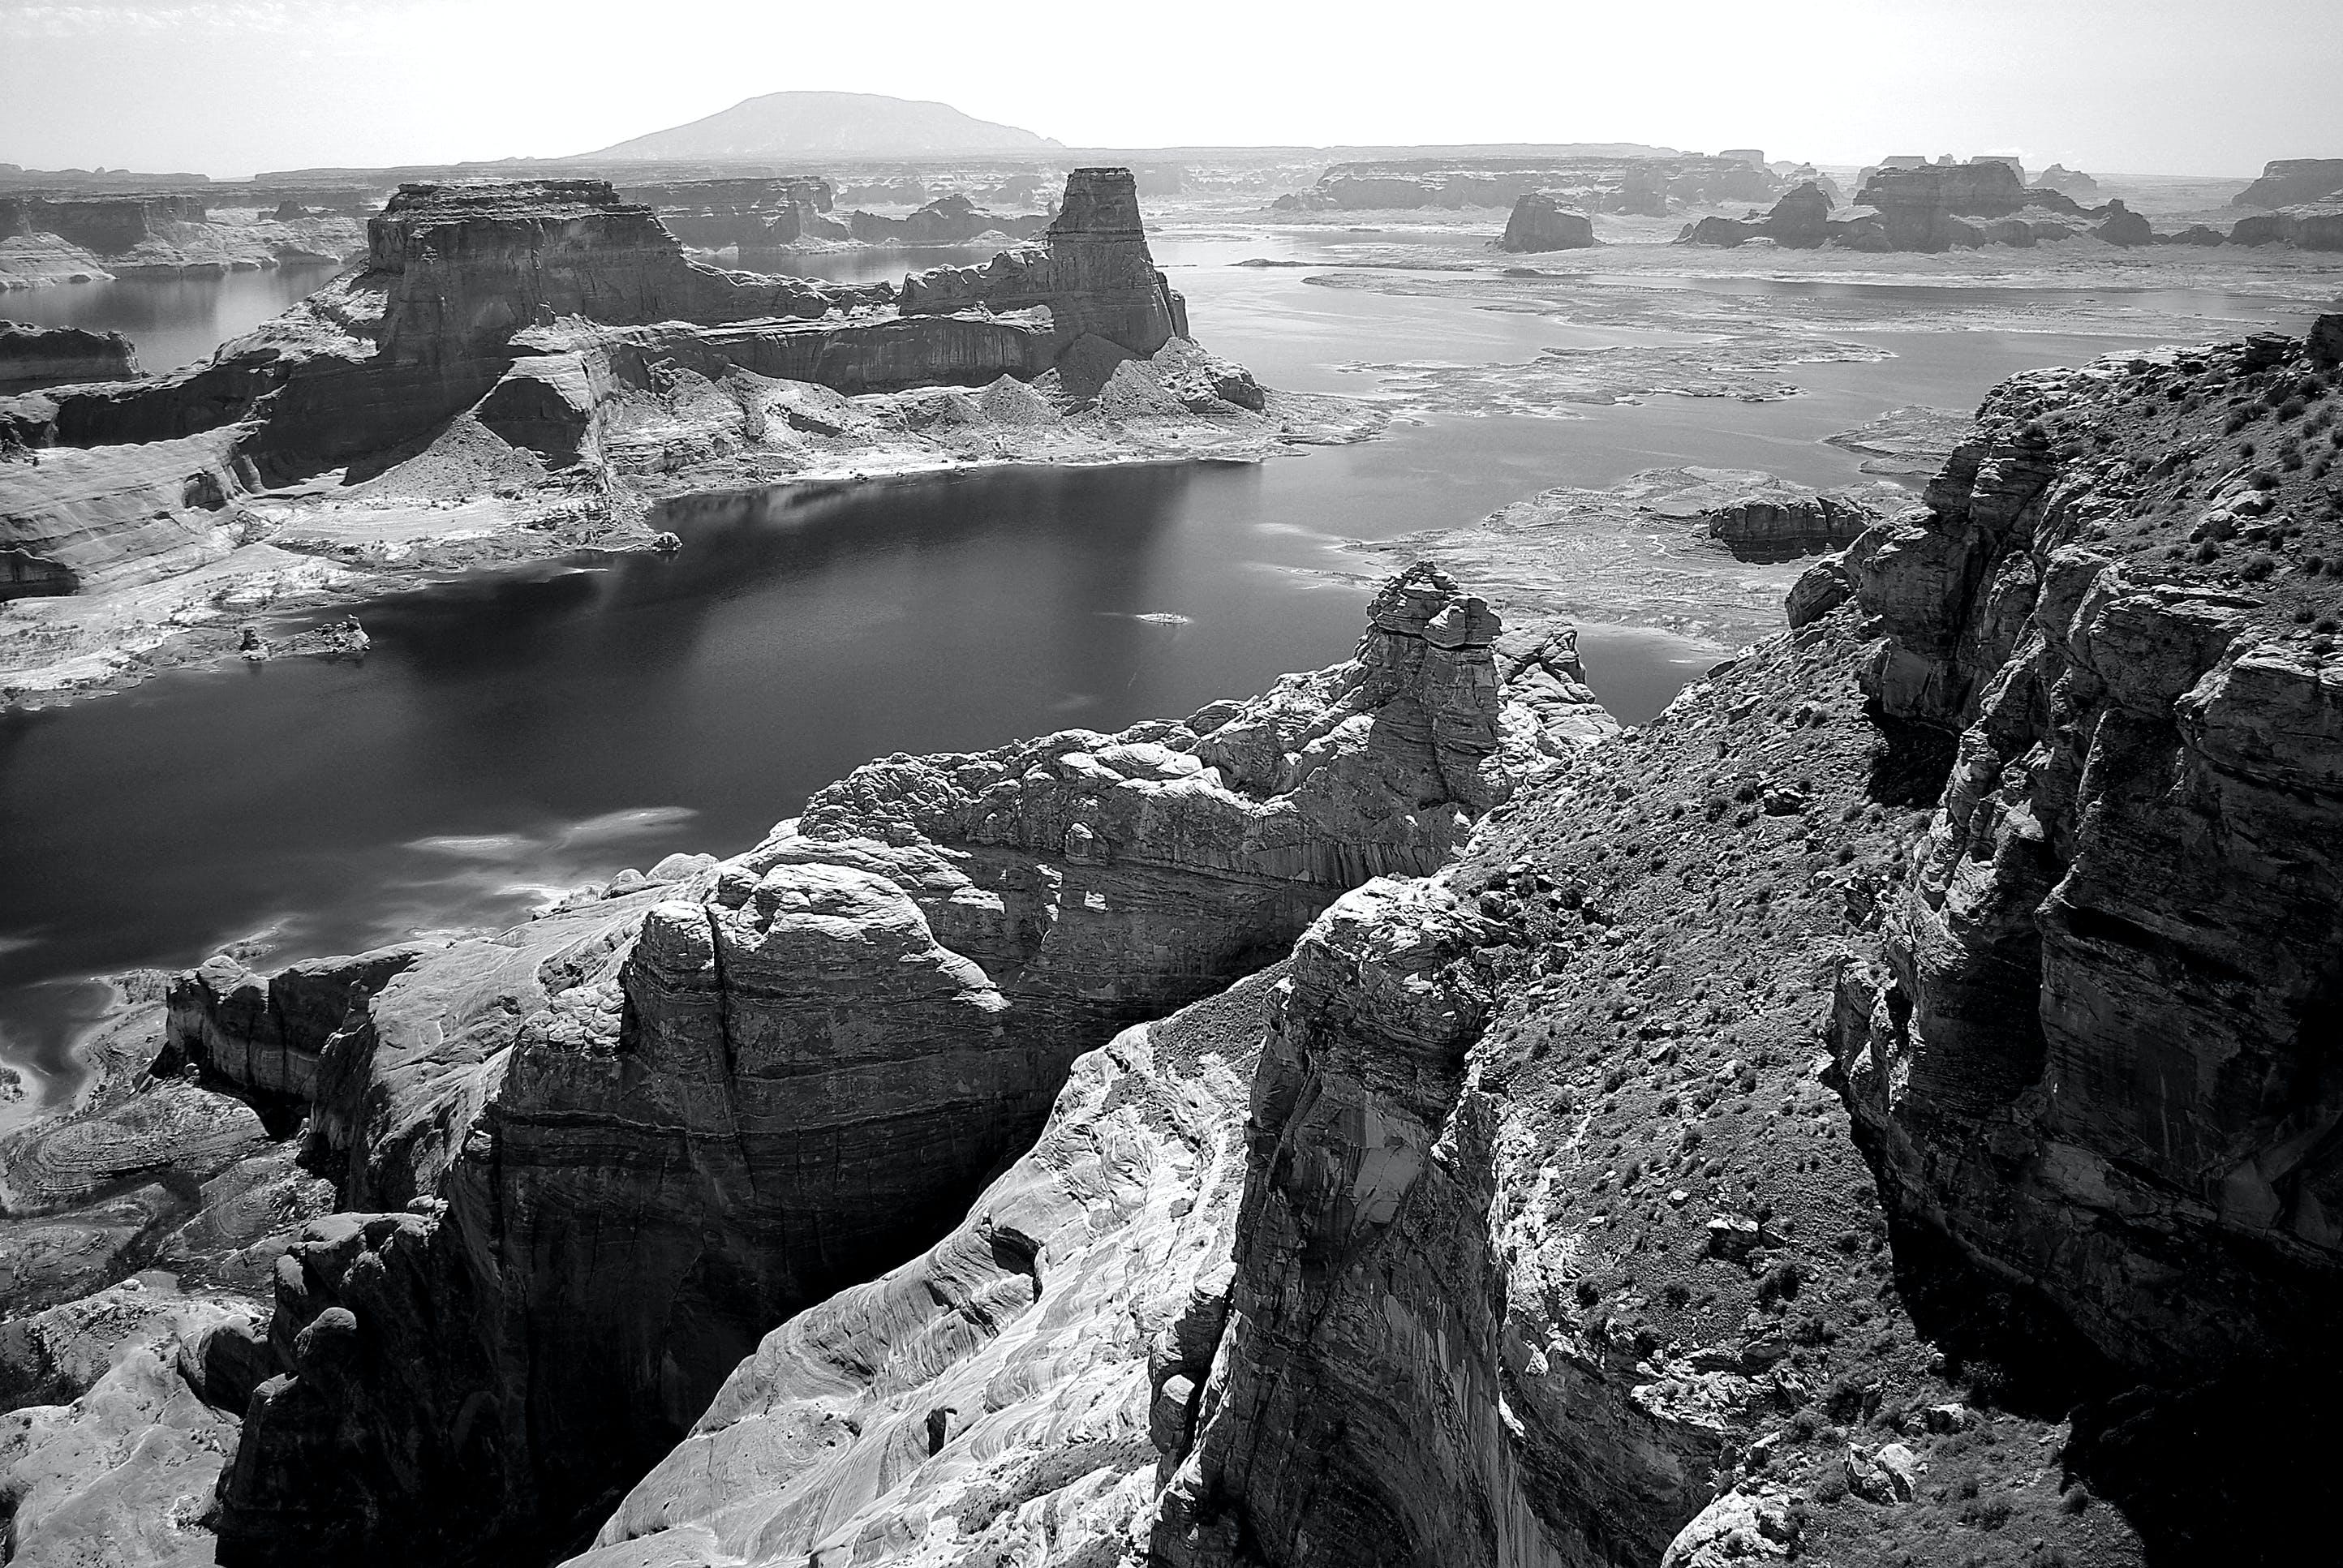 Grey Concrete Rock Beside Body of Water